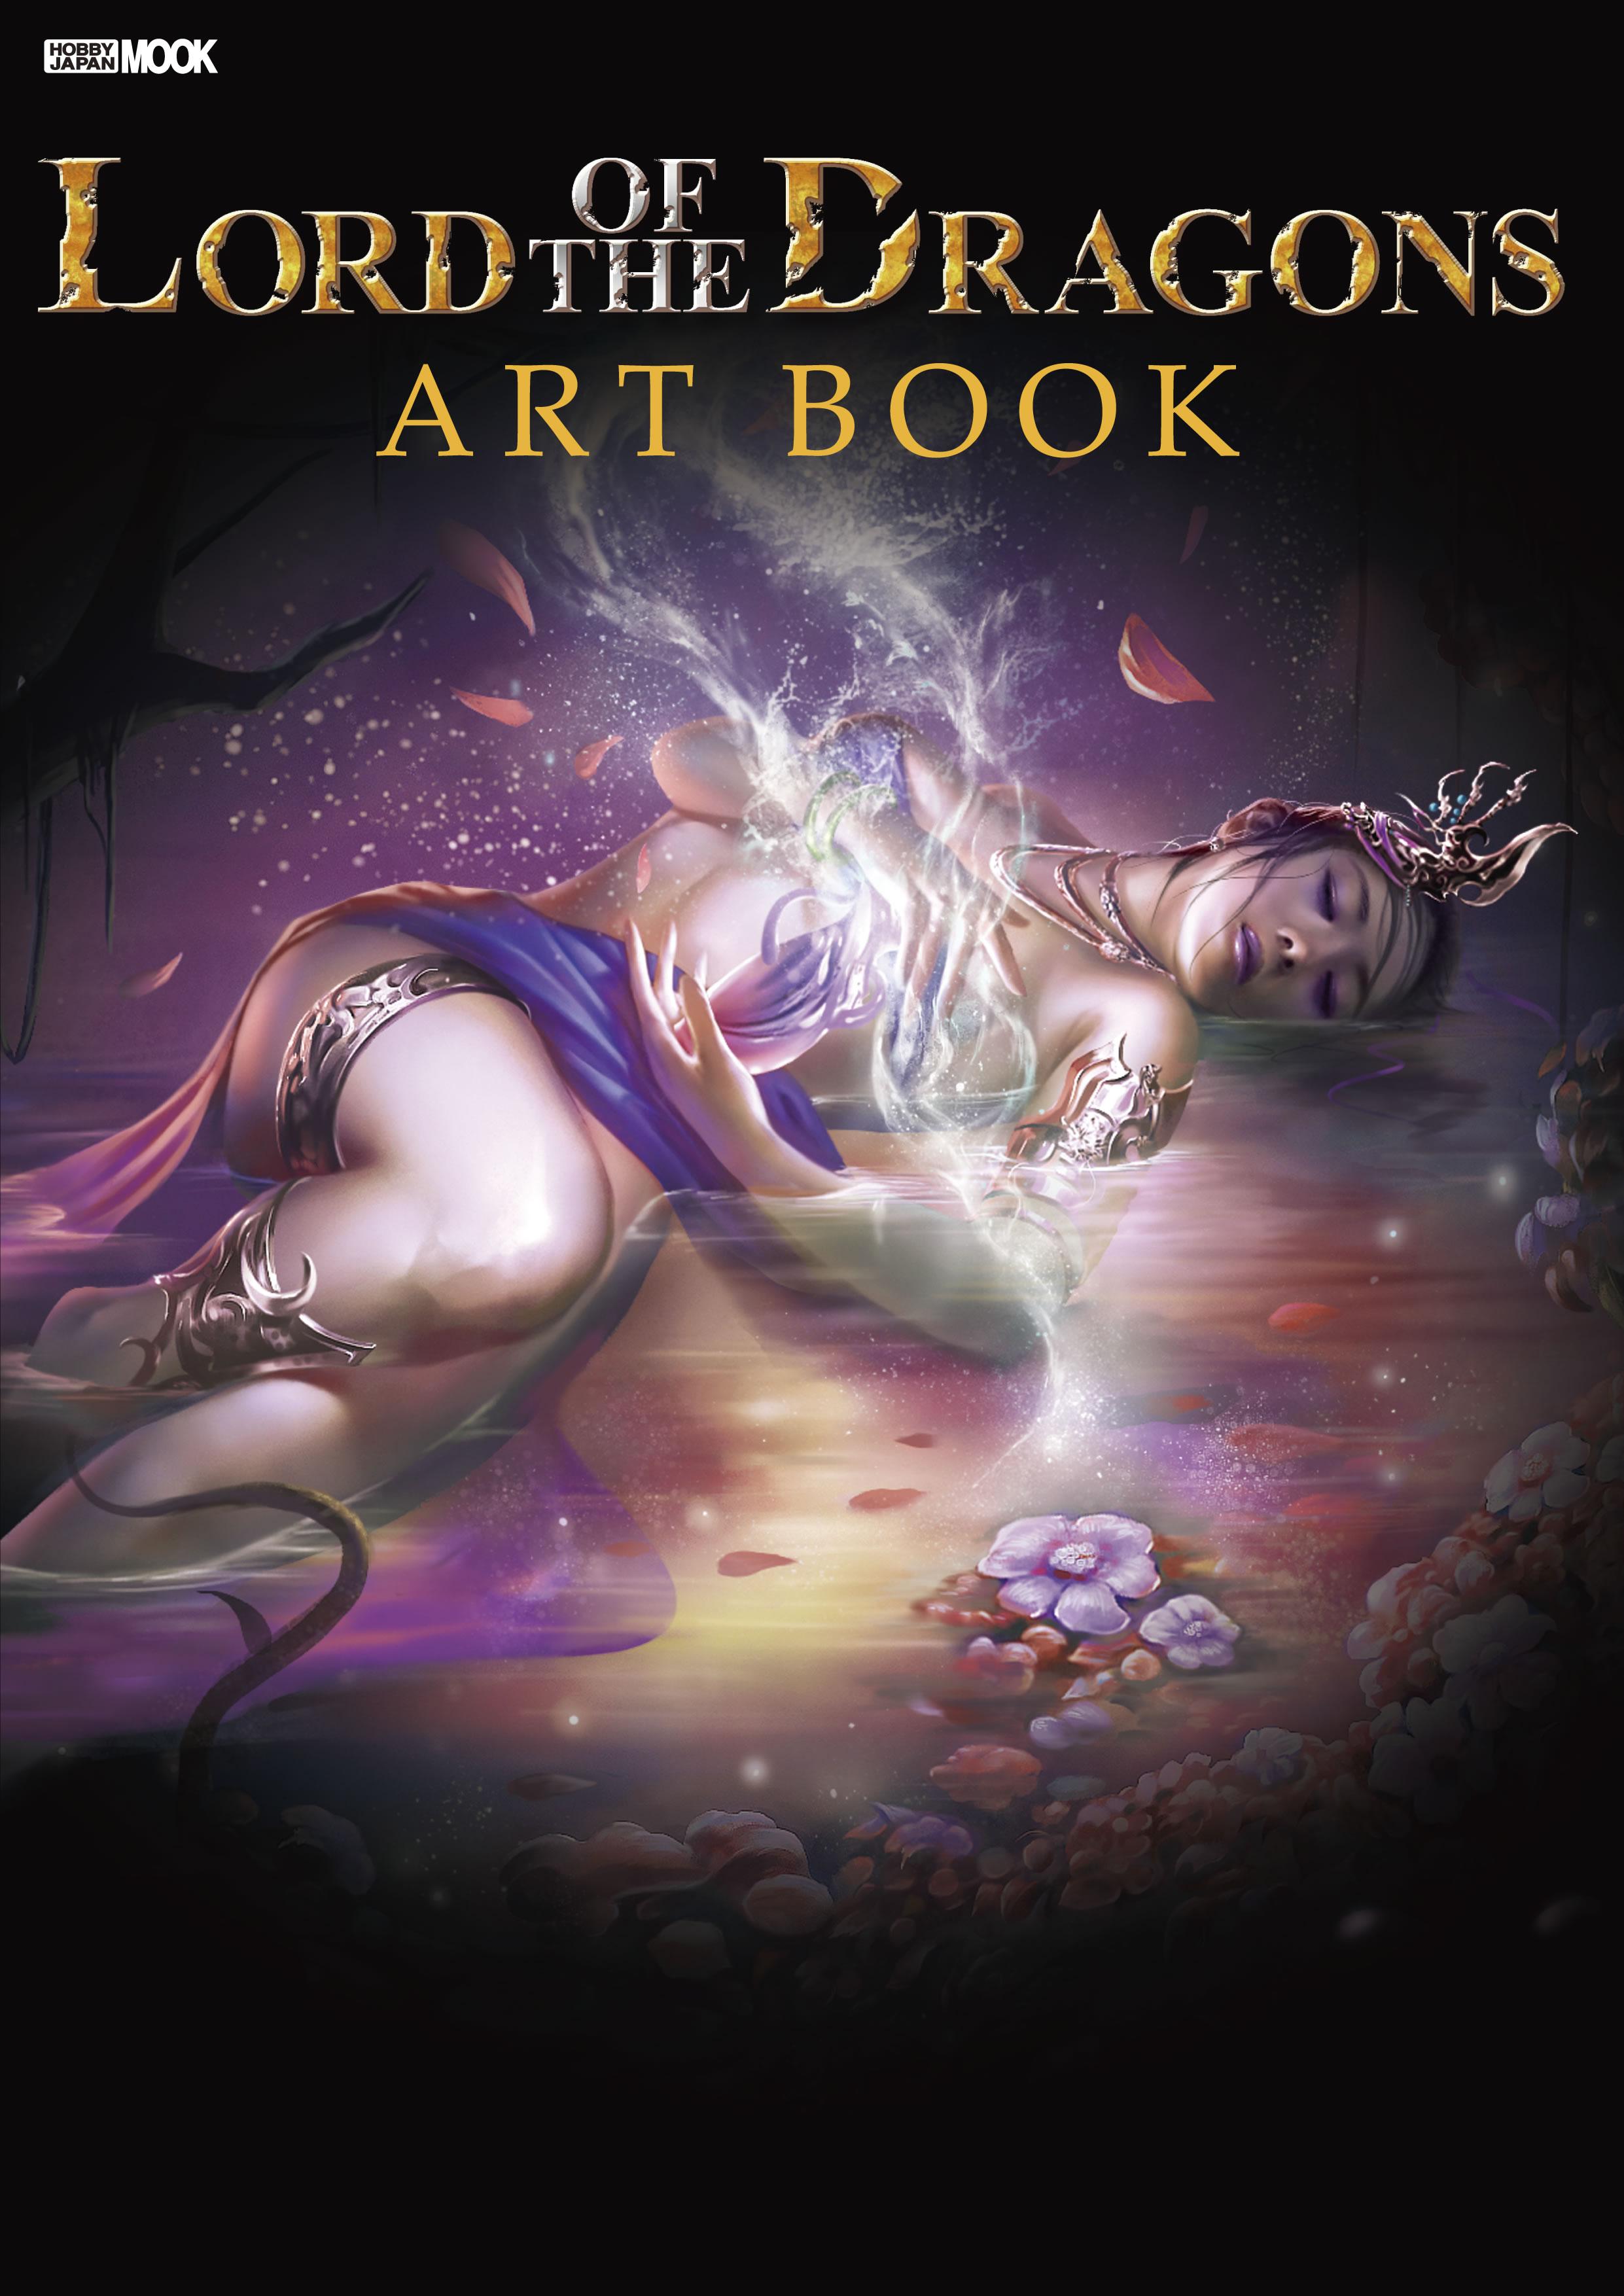 世界各国で大人気のダークファンタジーRPG! 『Lord of the Dragons』初のアートブックが登場! 「Lord of the Dragons ART BOOK」1月31日発売